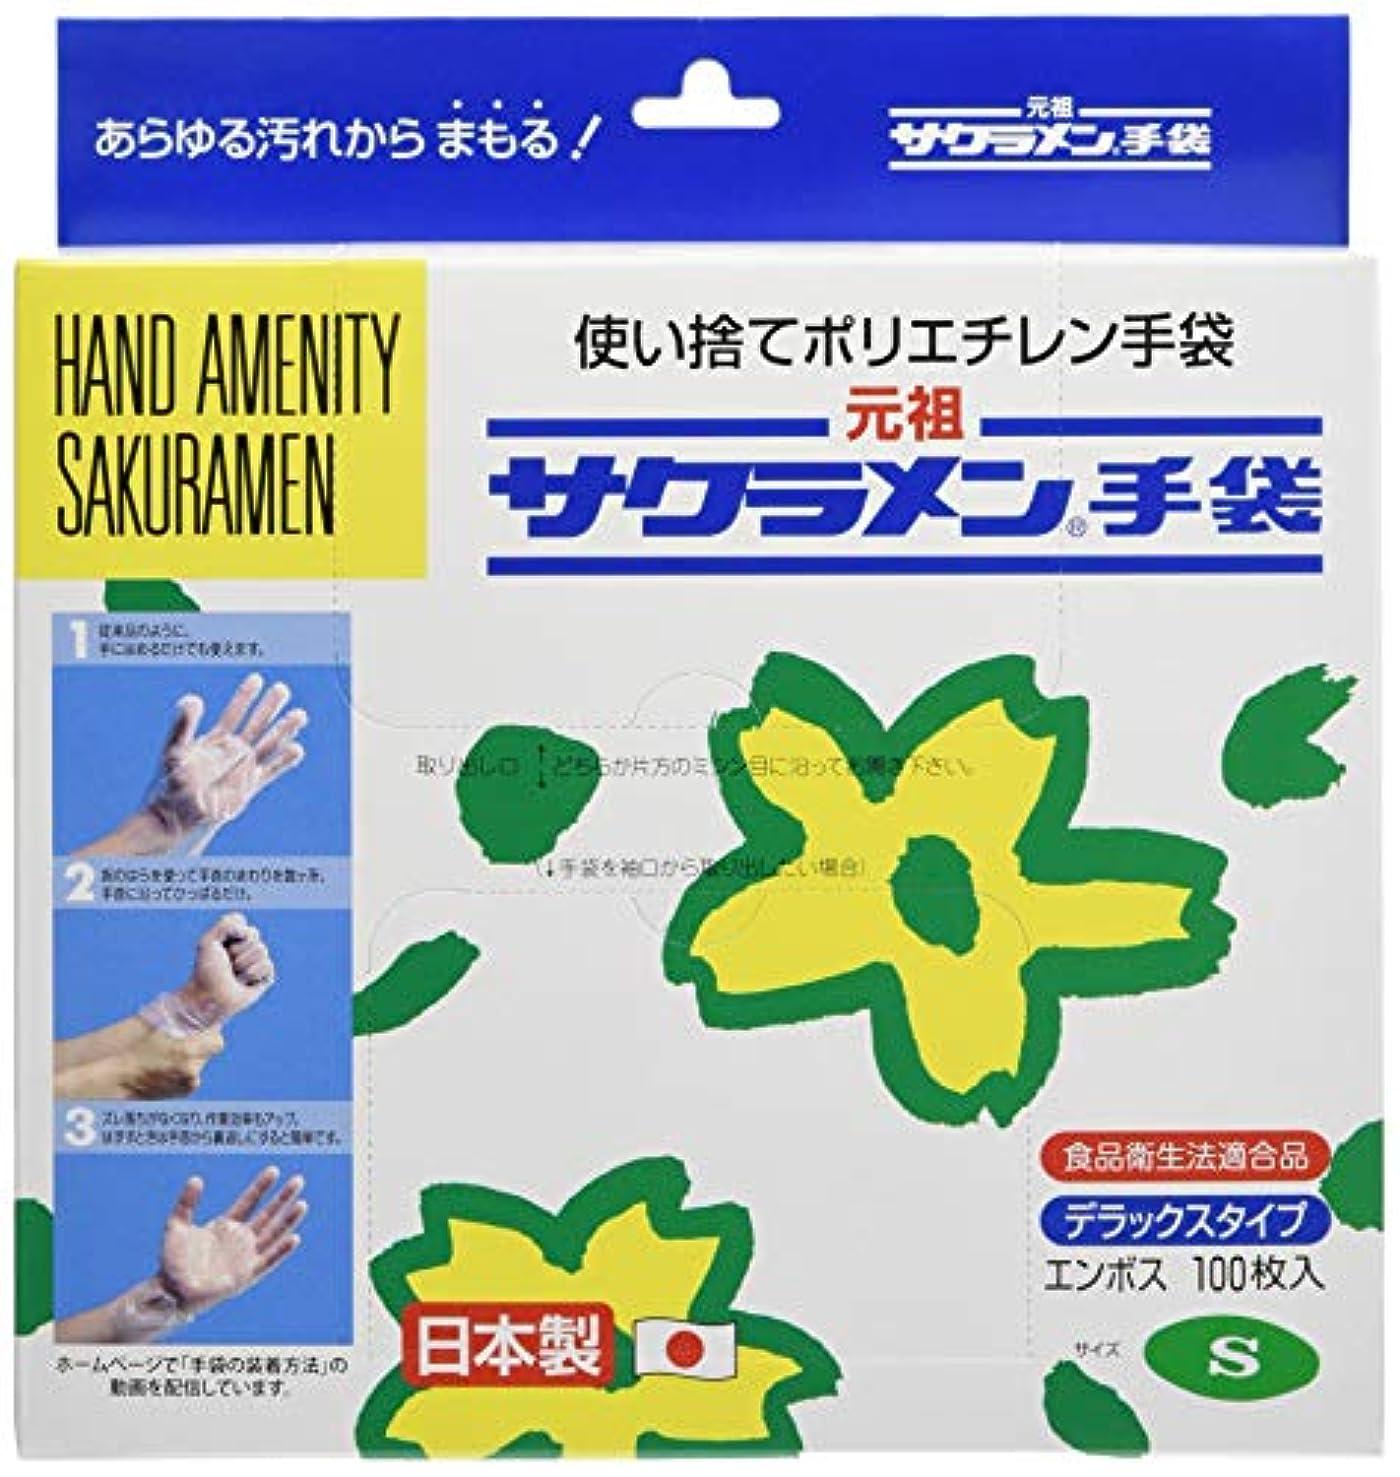 出くわすスノーケル不適切なサクラメン手袋 デラックス(100枚入)S ピンク 35μ